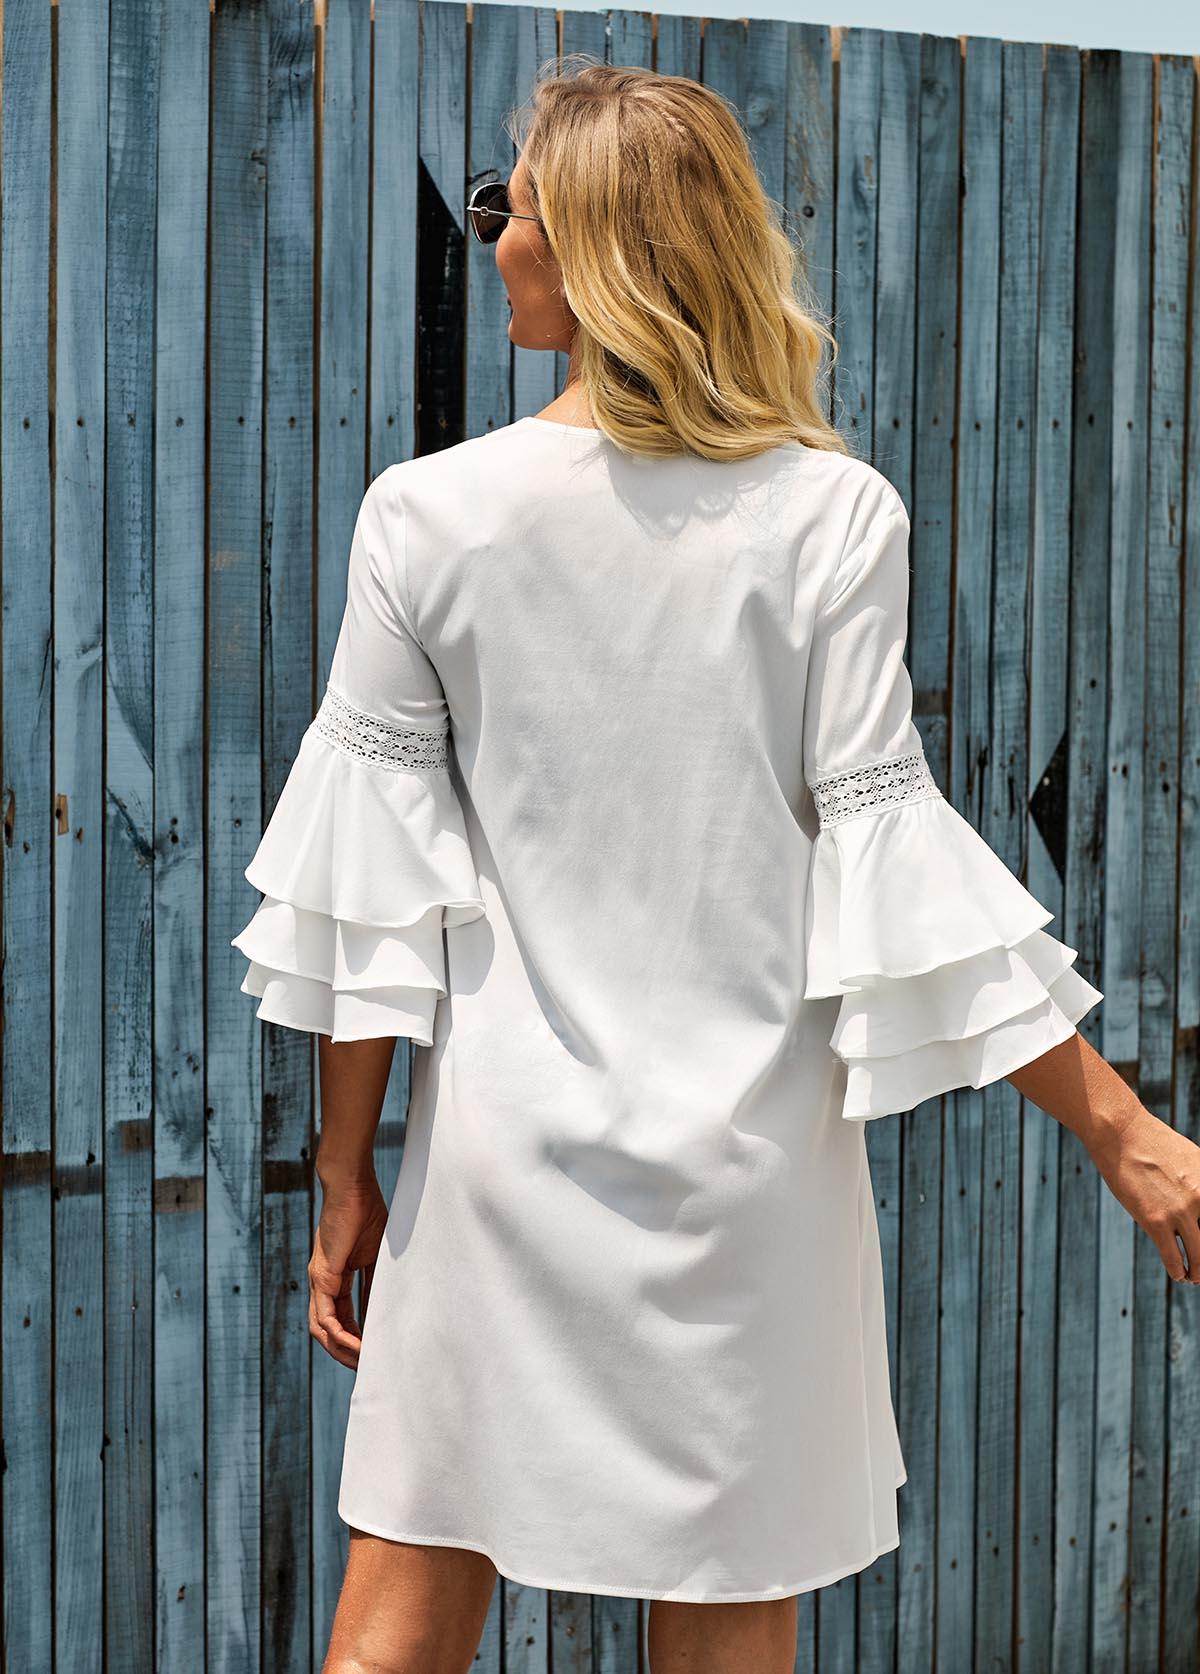 V Neck Flare Sleeve White Cover Up